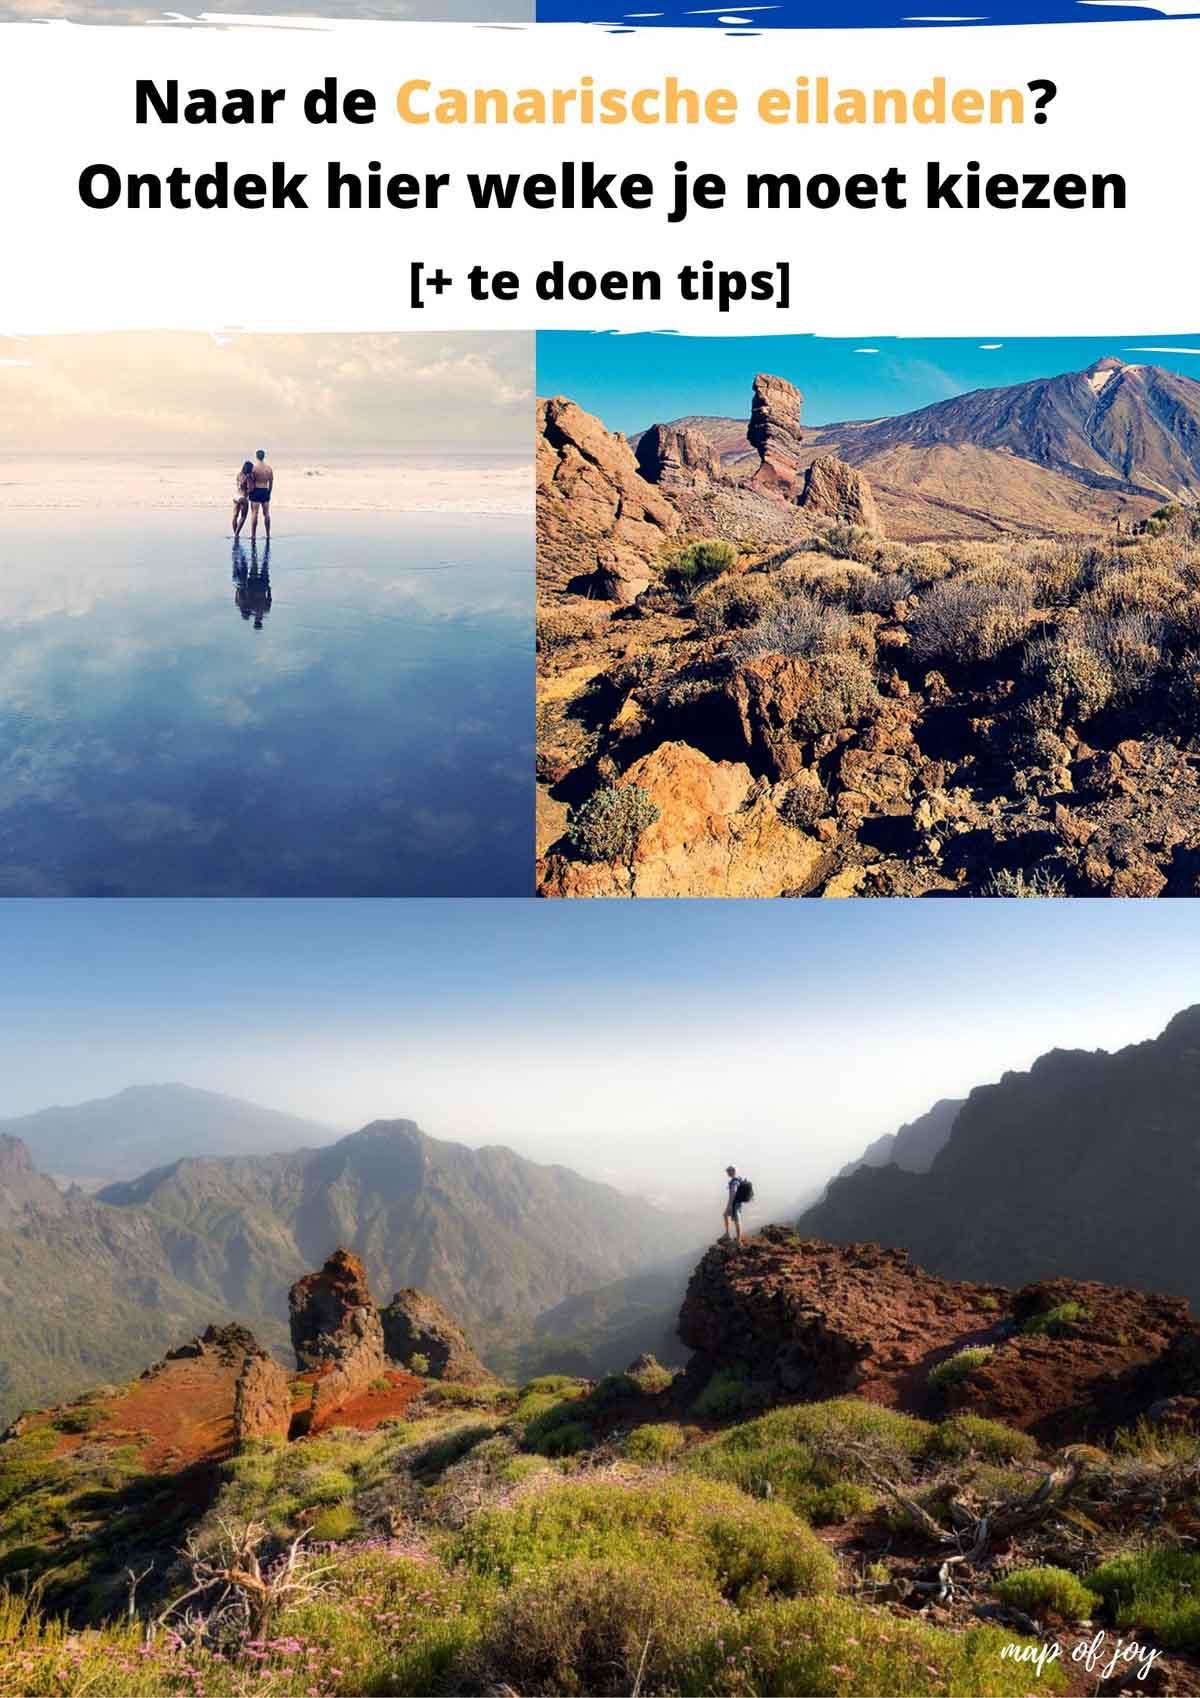 Welk eiland van de Canarische eilanden moet je kiezen [+ te doen tips] - Map of Joy